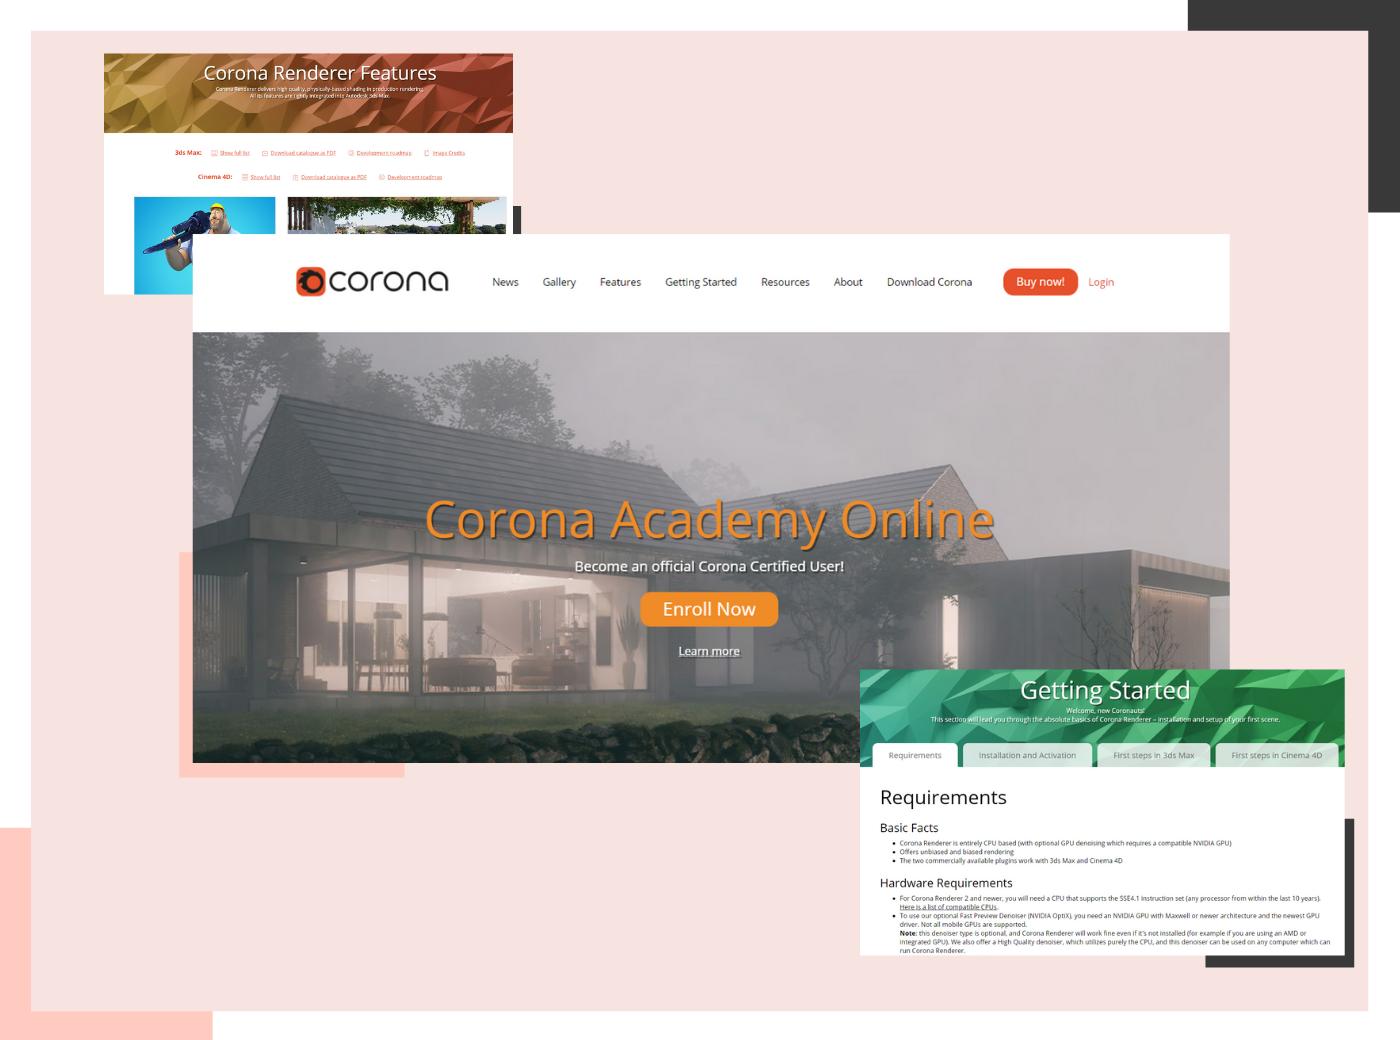 Corona rendering software